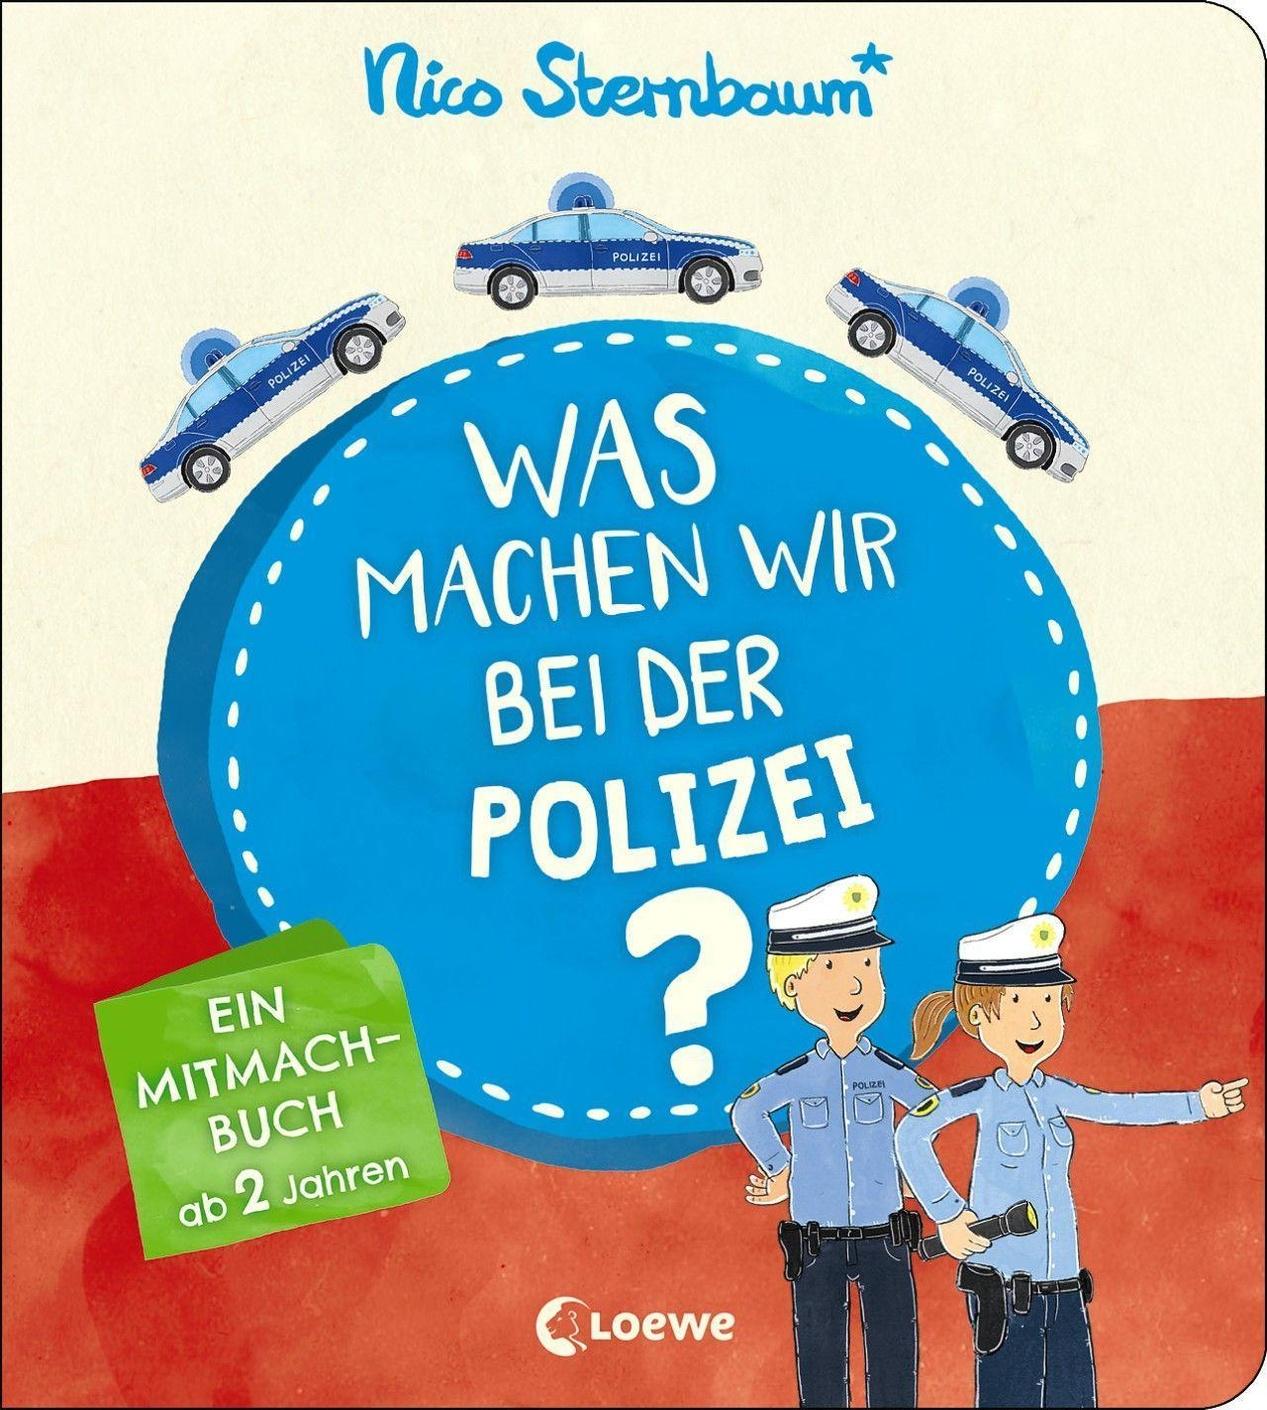 Was machen wir bei der Polizei